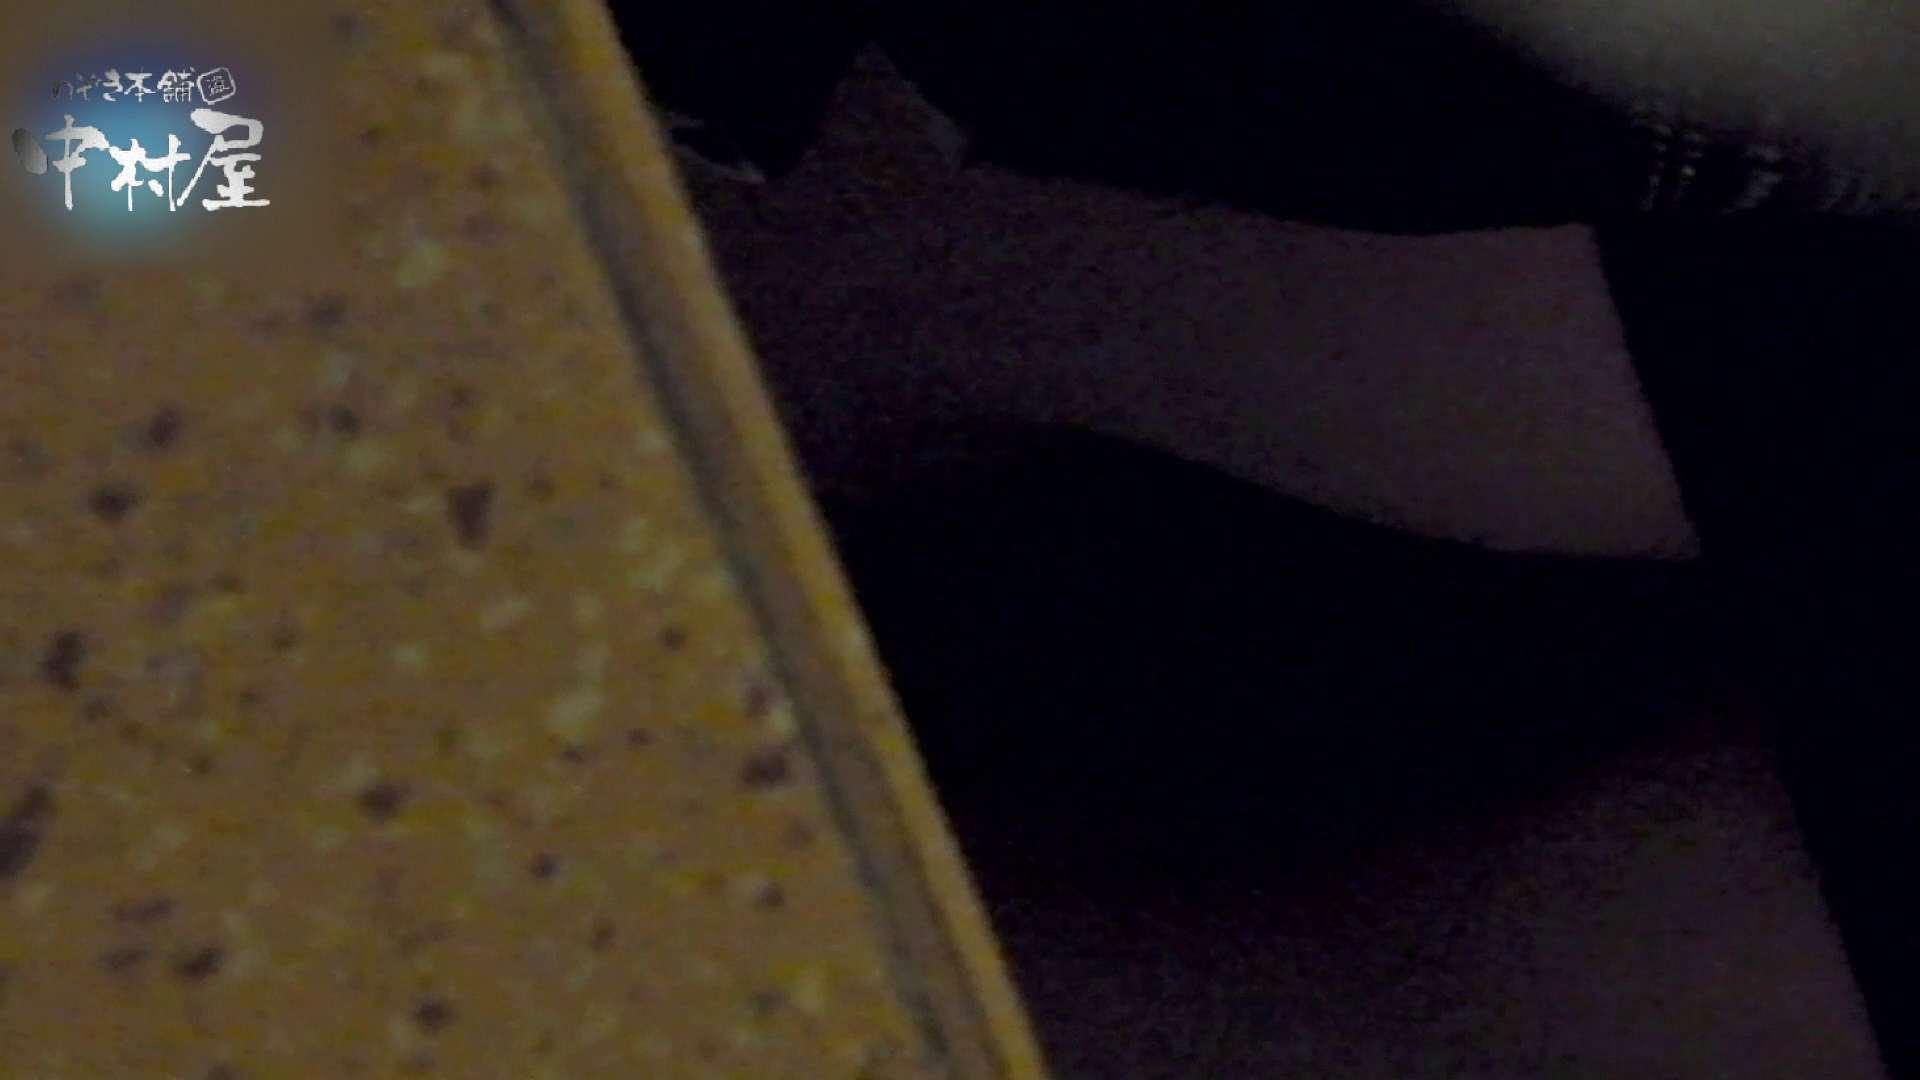 乙女集まる!ショッピングモール潜入撮vol.07 丸見え 隠し撮りセックス画像 102画像 17